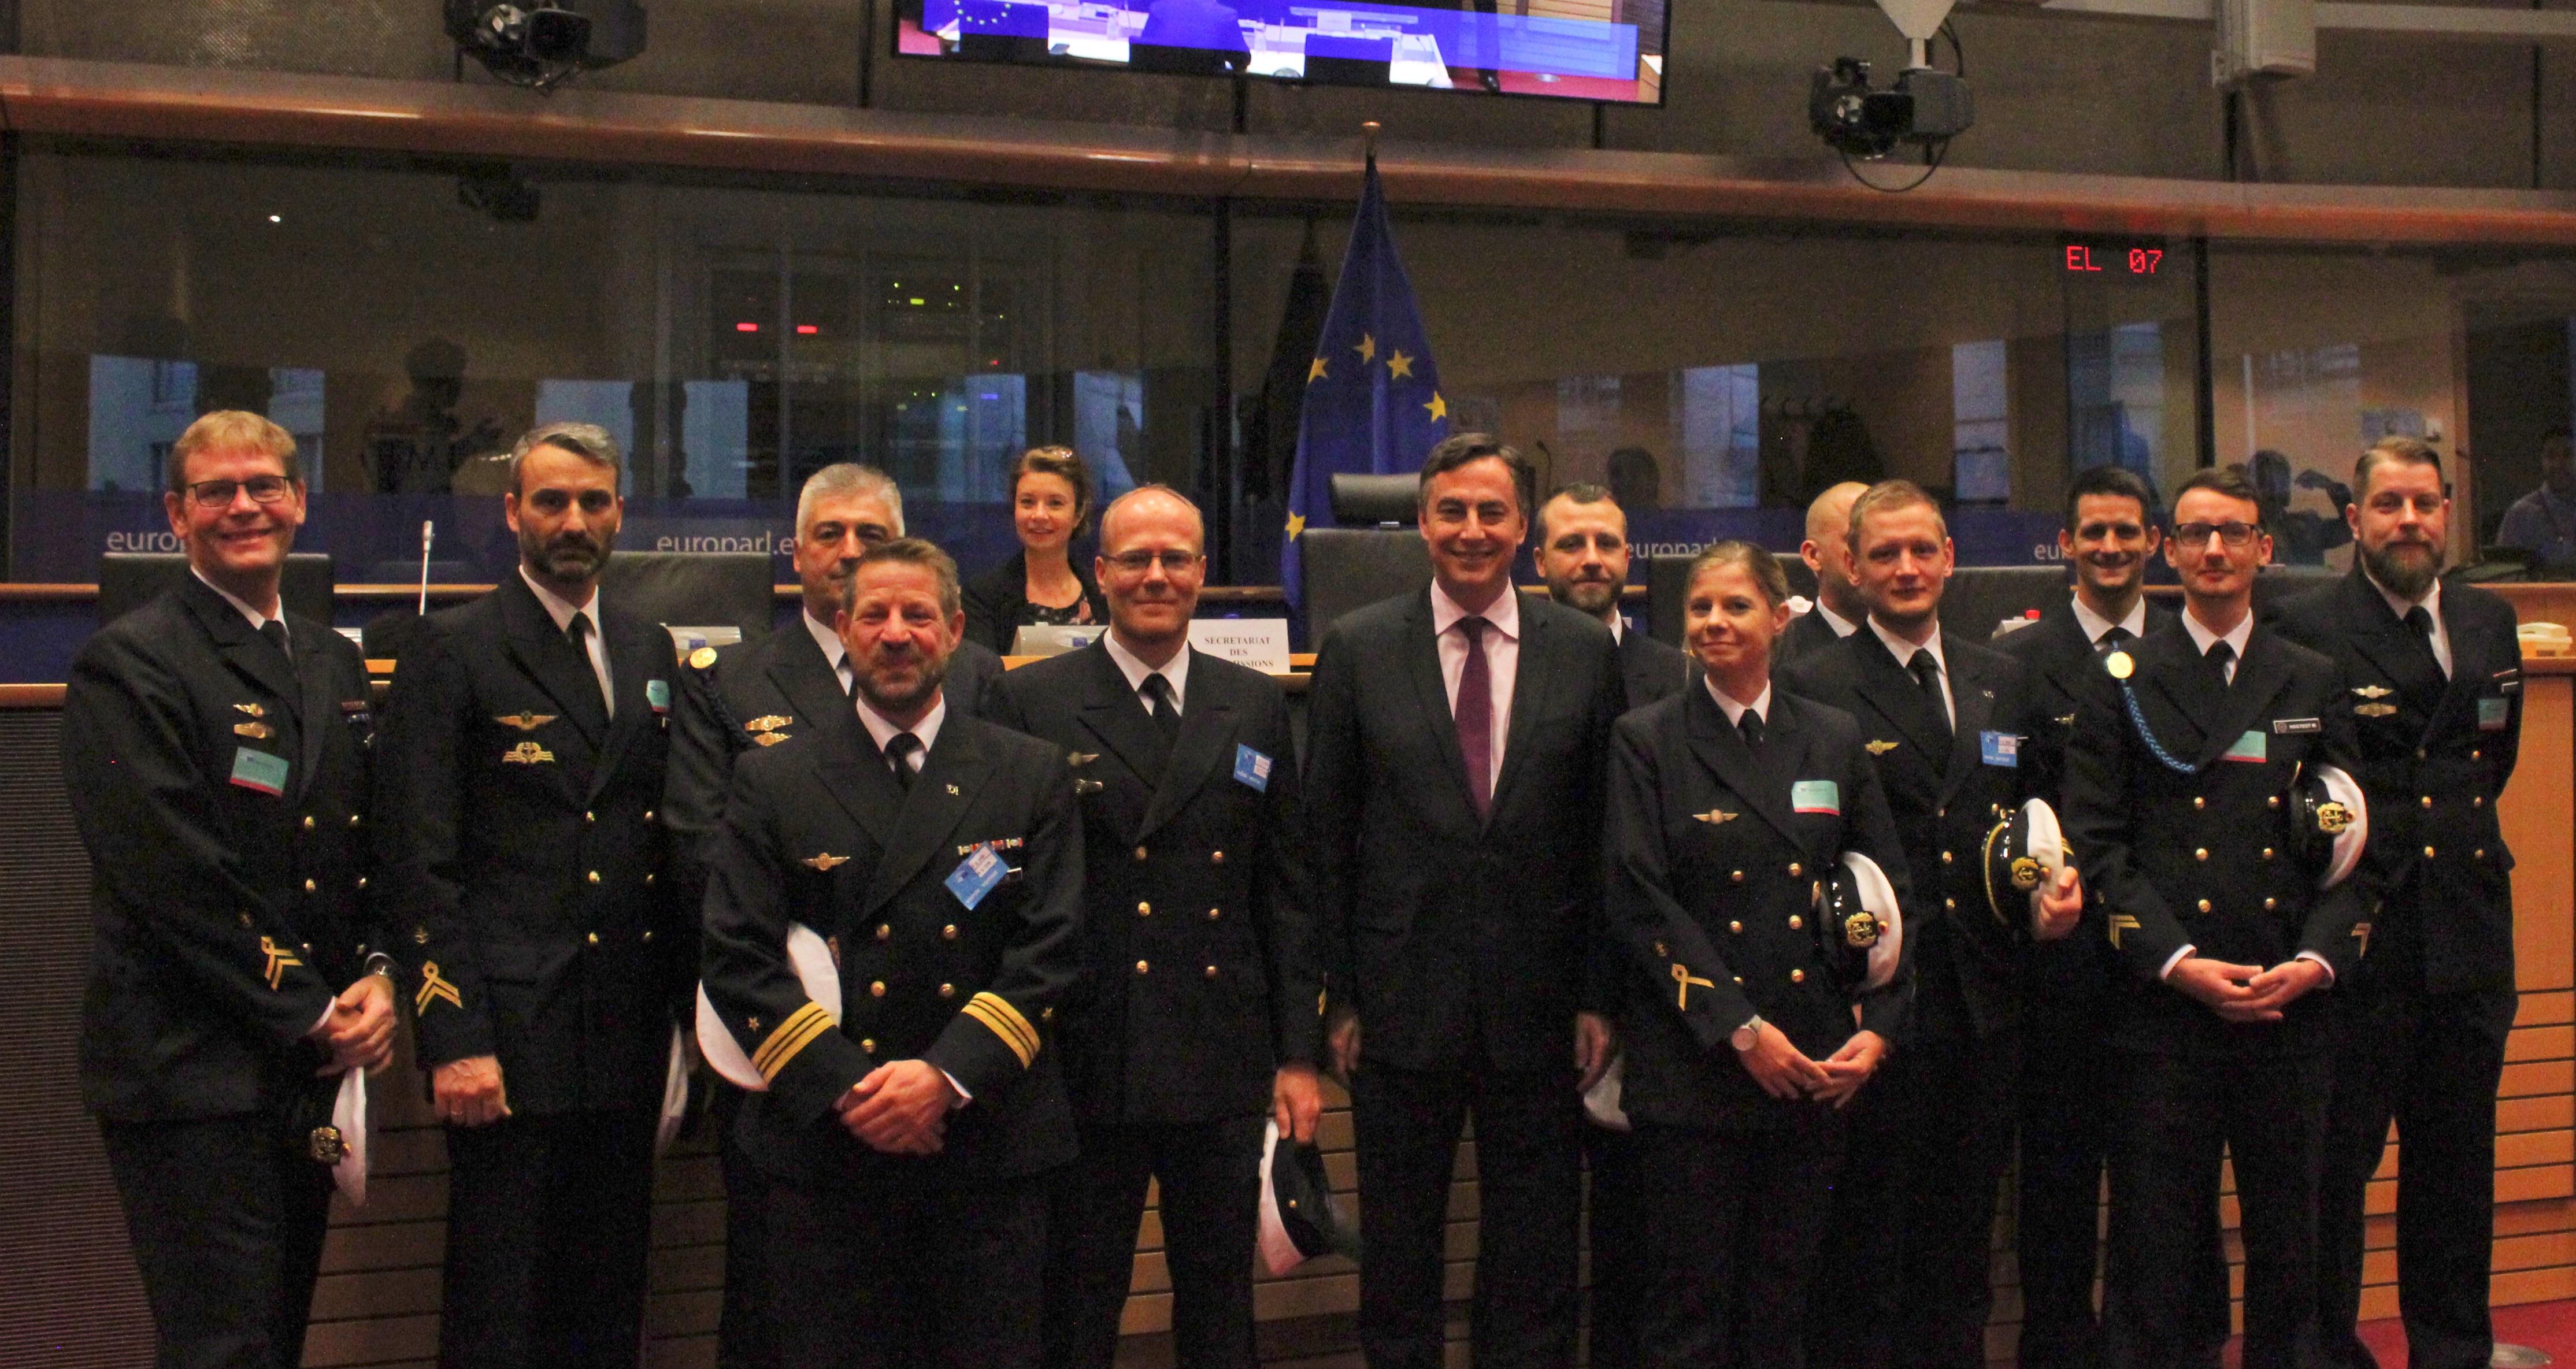 Presseinformation, 07.12.2018: Nordholzer Marineflieger mit Beifall im Europäischen Parlament begrüßt